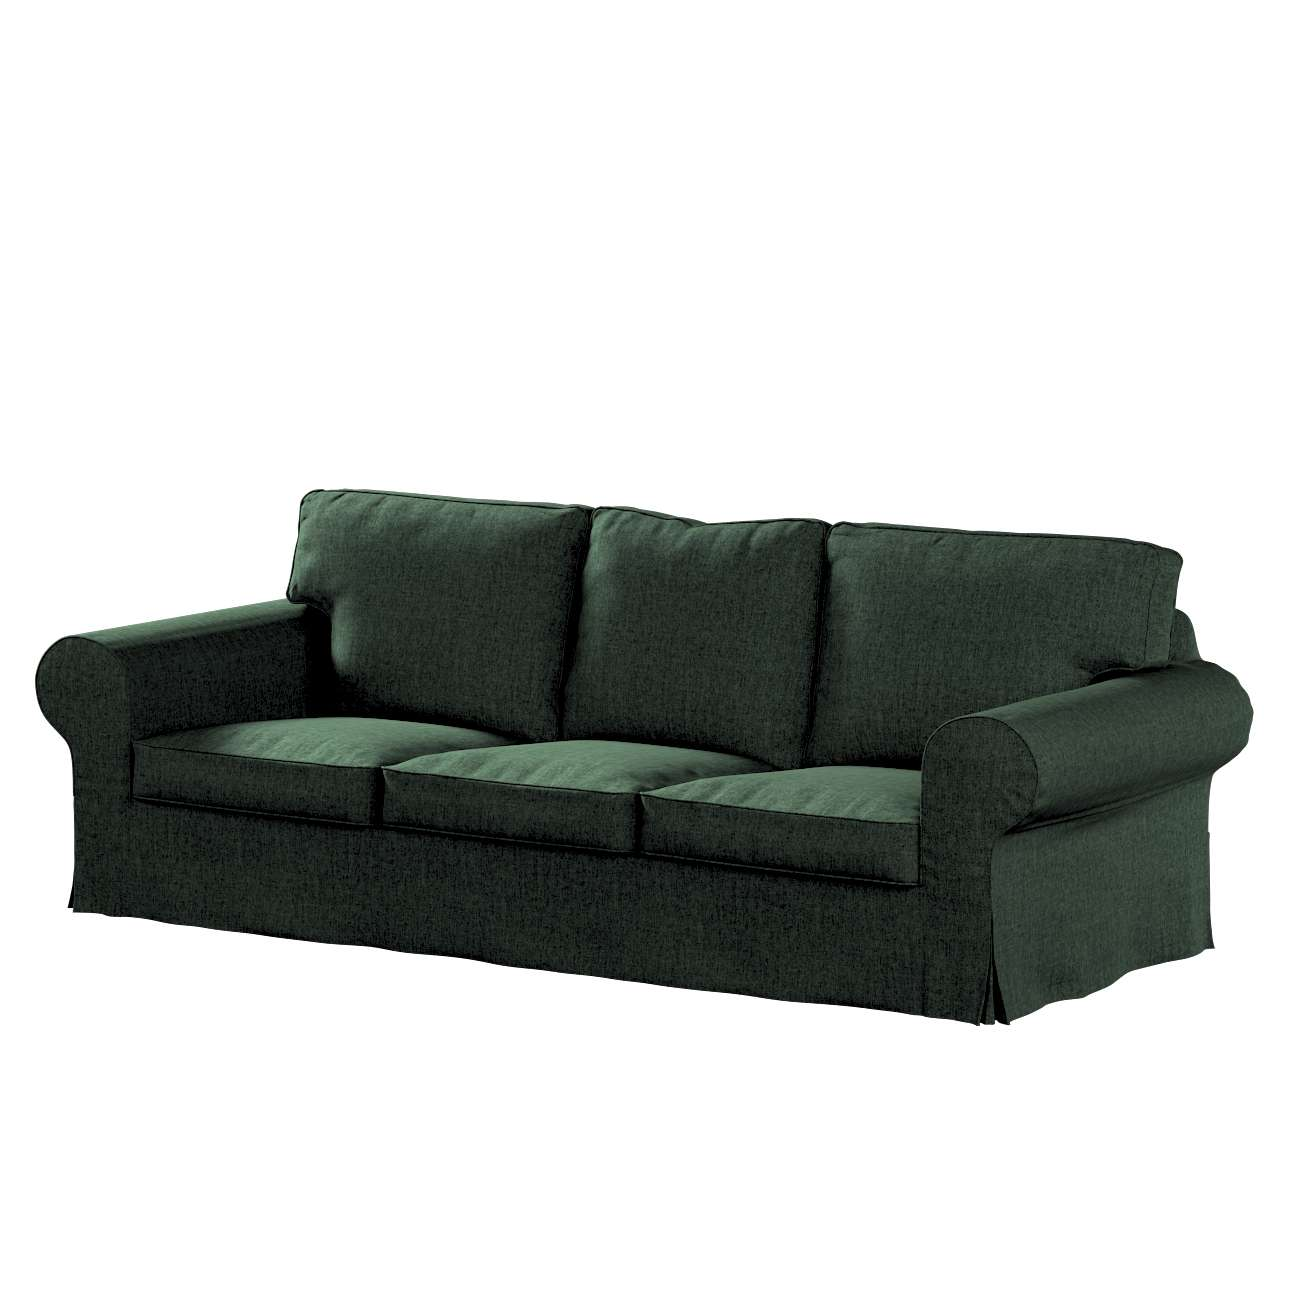 Pokrowiec na sofę Ektorp 3-osobową, rozkładaną w kolekcji City, tkanina: 704-81